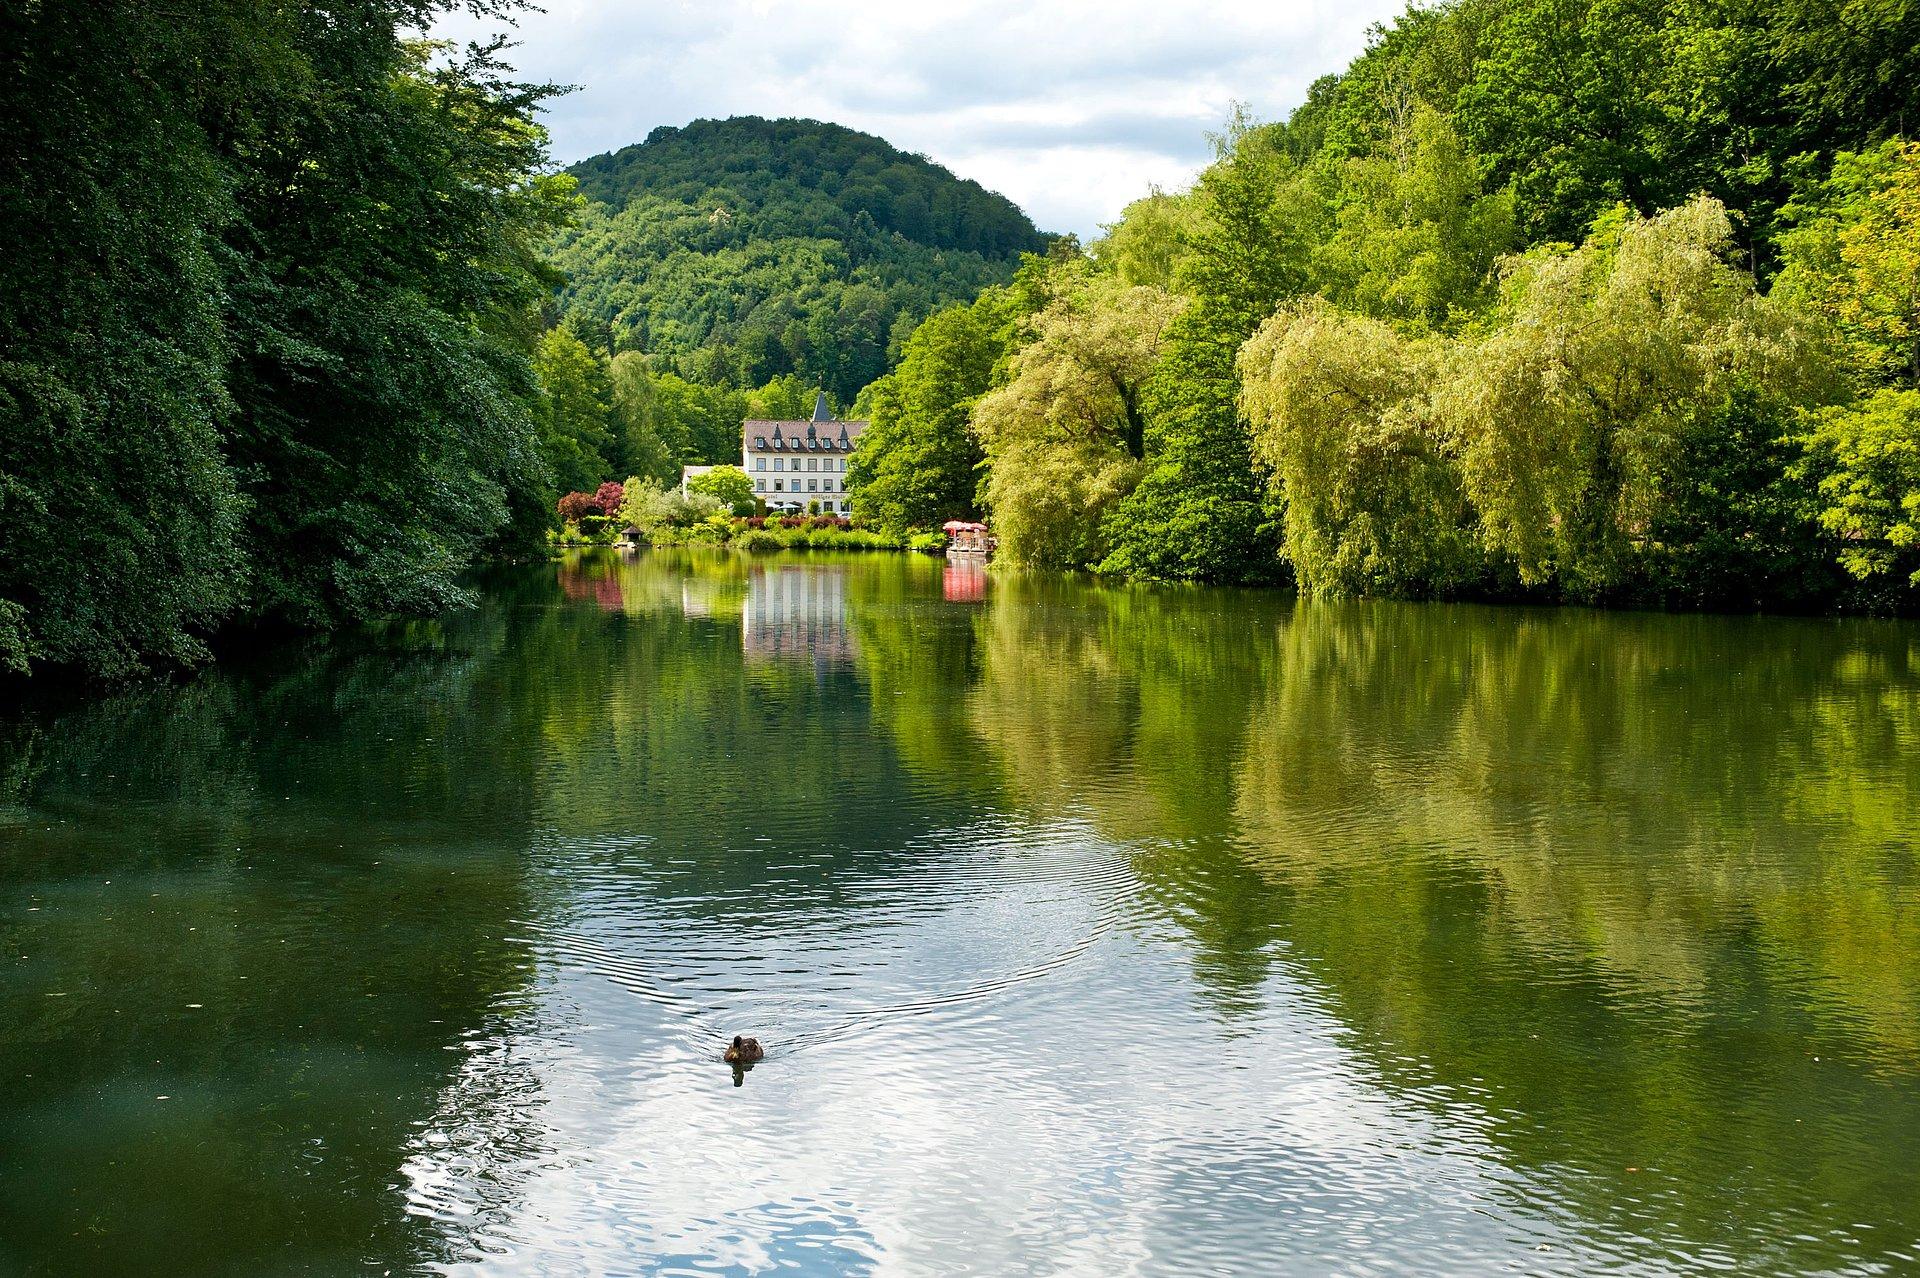 Pauzeren en genieten van de natuur bij de zwanenvijver bij Bad Bergzabern, Palts